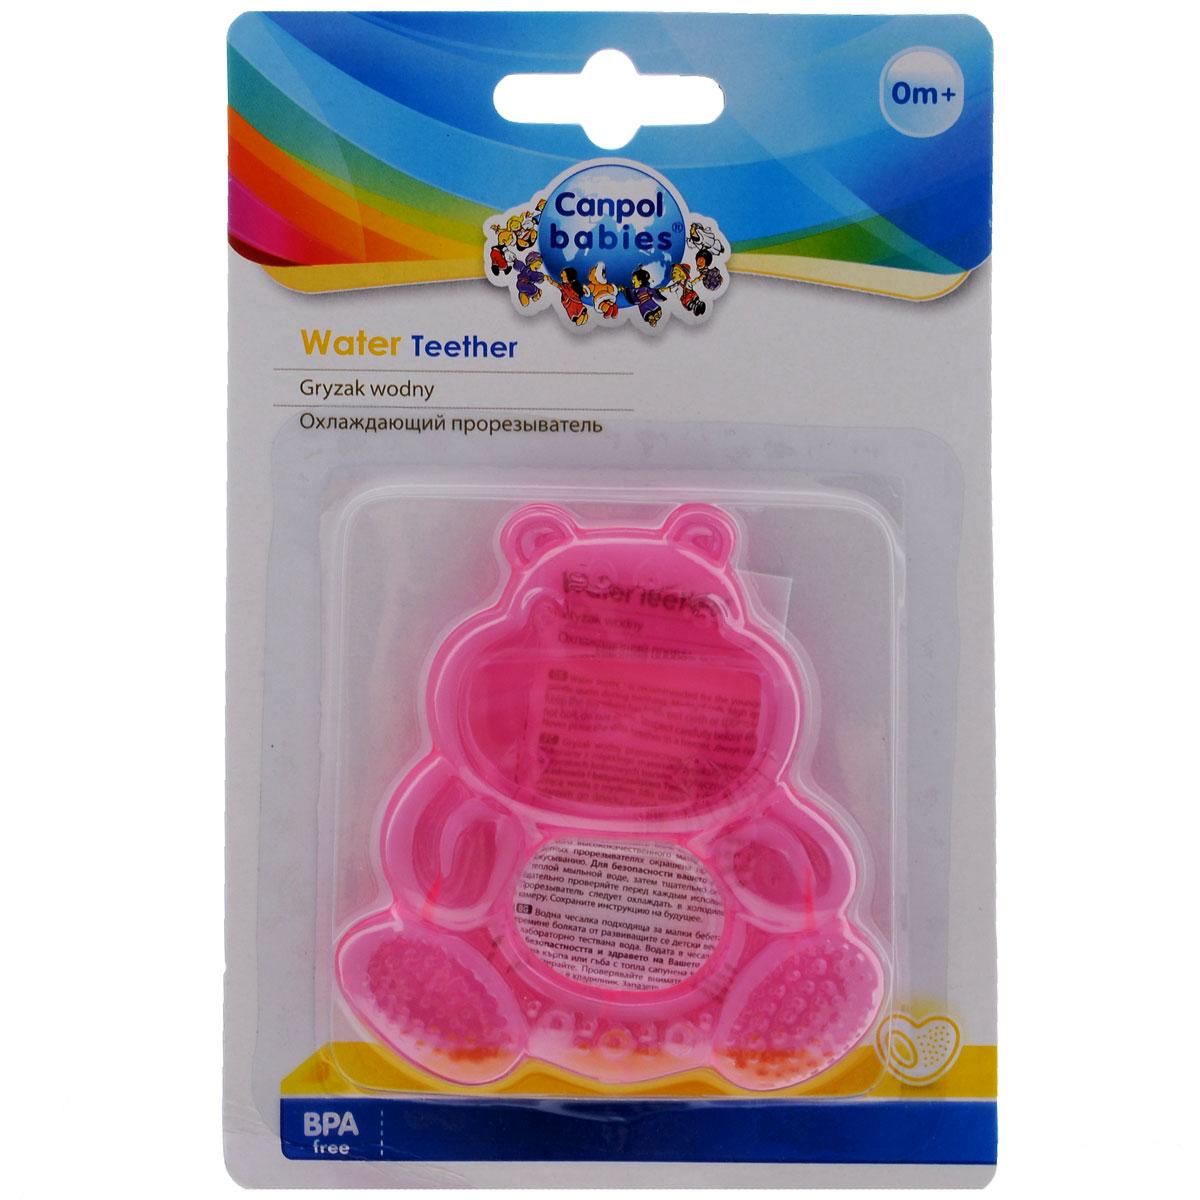 Прорезыватель Canpol Babies Бегемот, охлаждающий, цвет: розовый